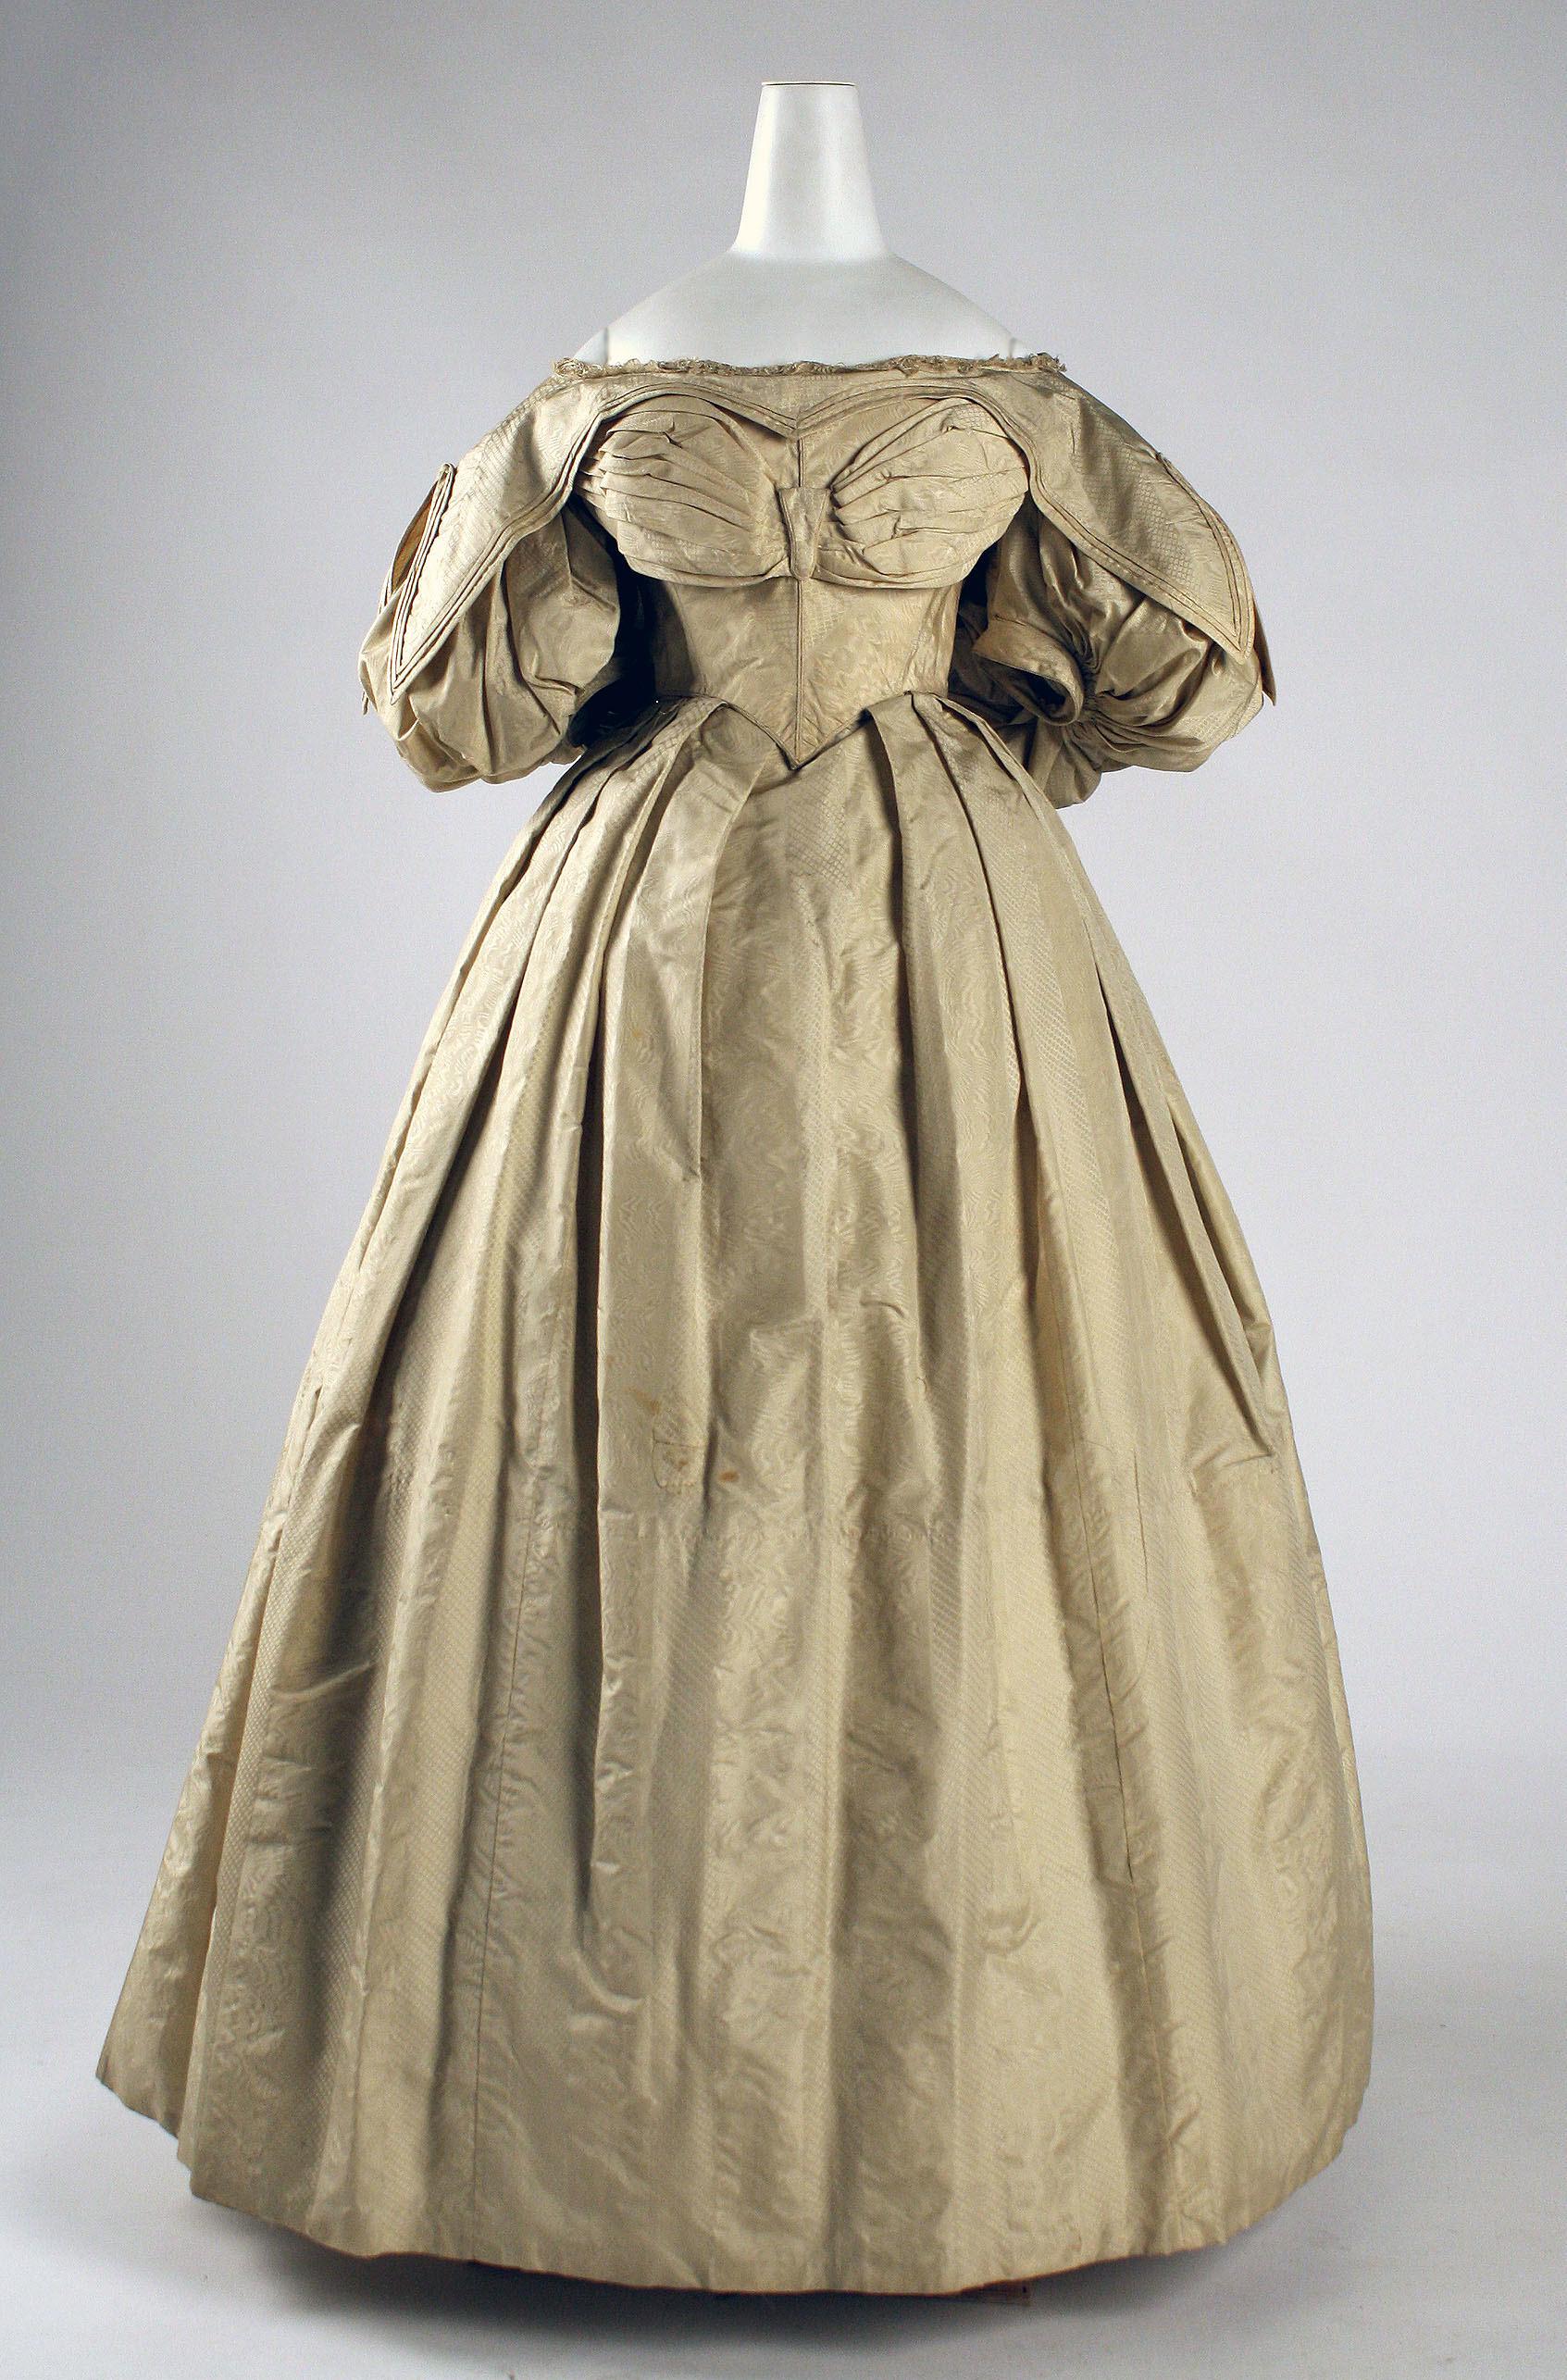 1830s Dress | The Met Museum